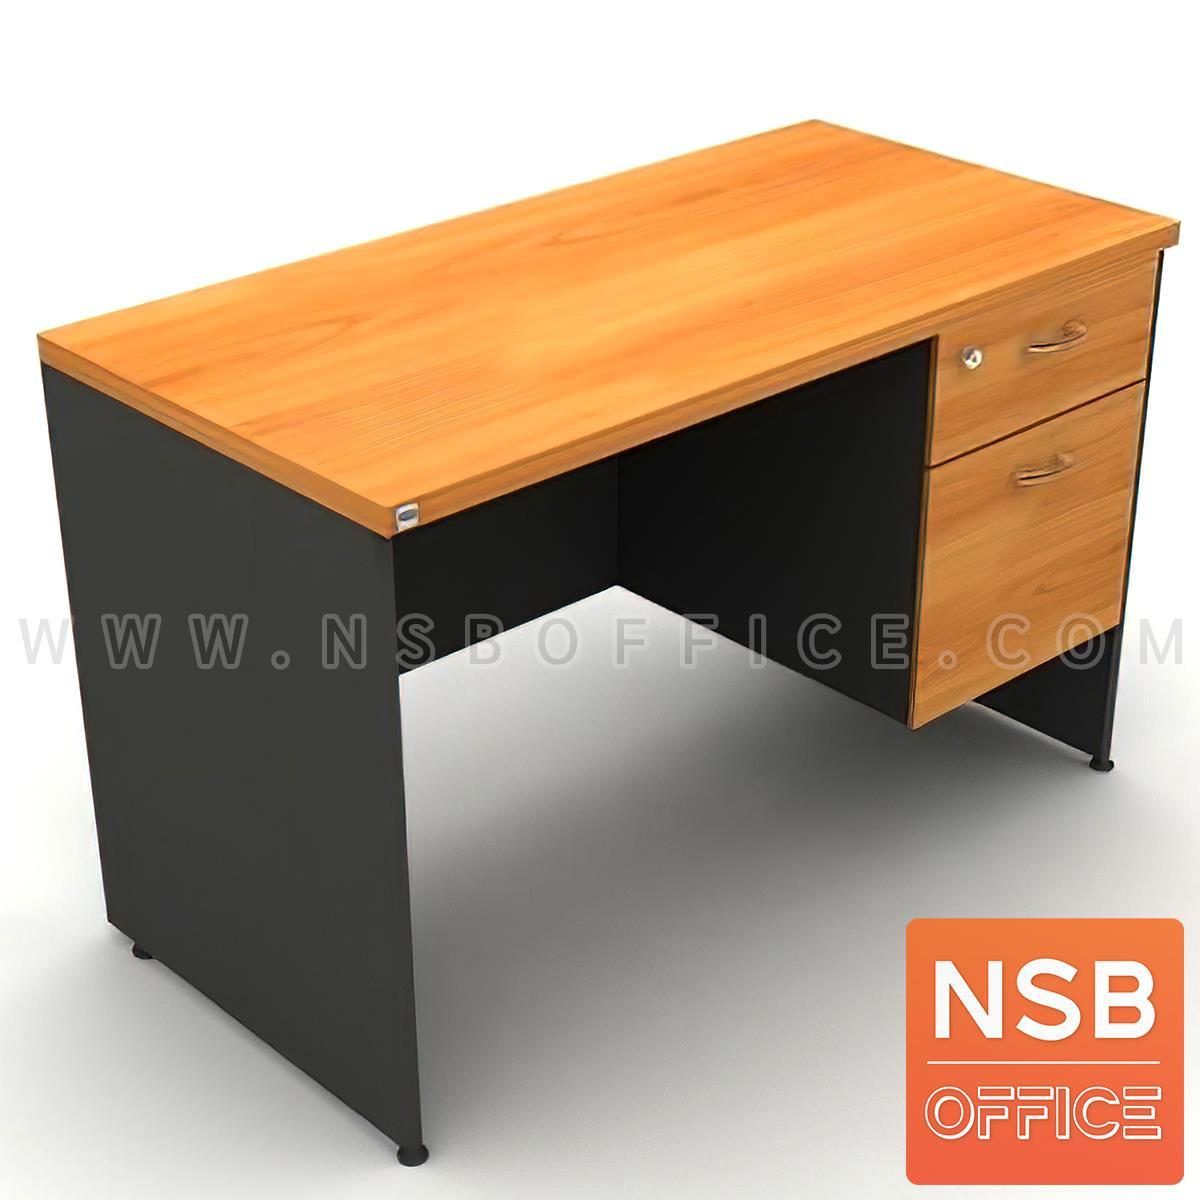 A16A032:โต๊ะทำงาน 2 ลิ้นชัก  รุ่น Kirshner ขนาด 150W cm. เมลามีน สีเชอร์รี่ดำ